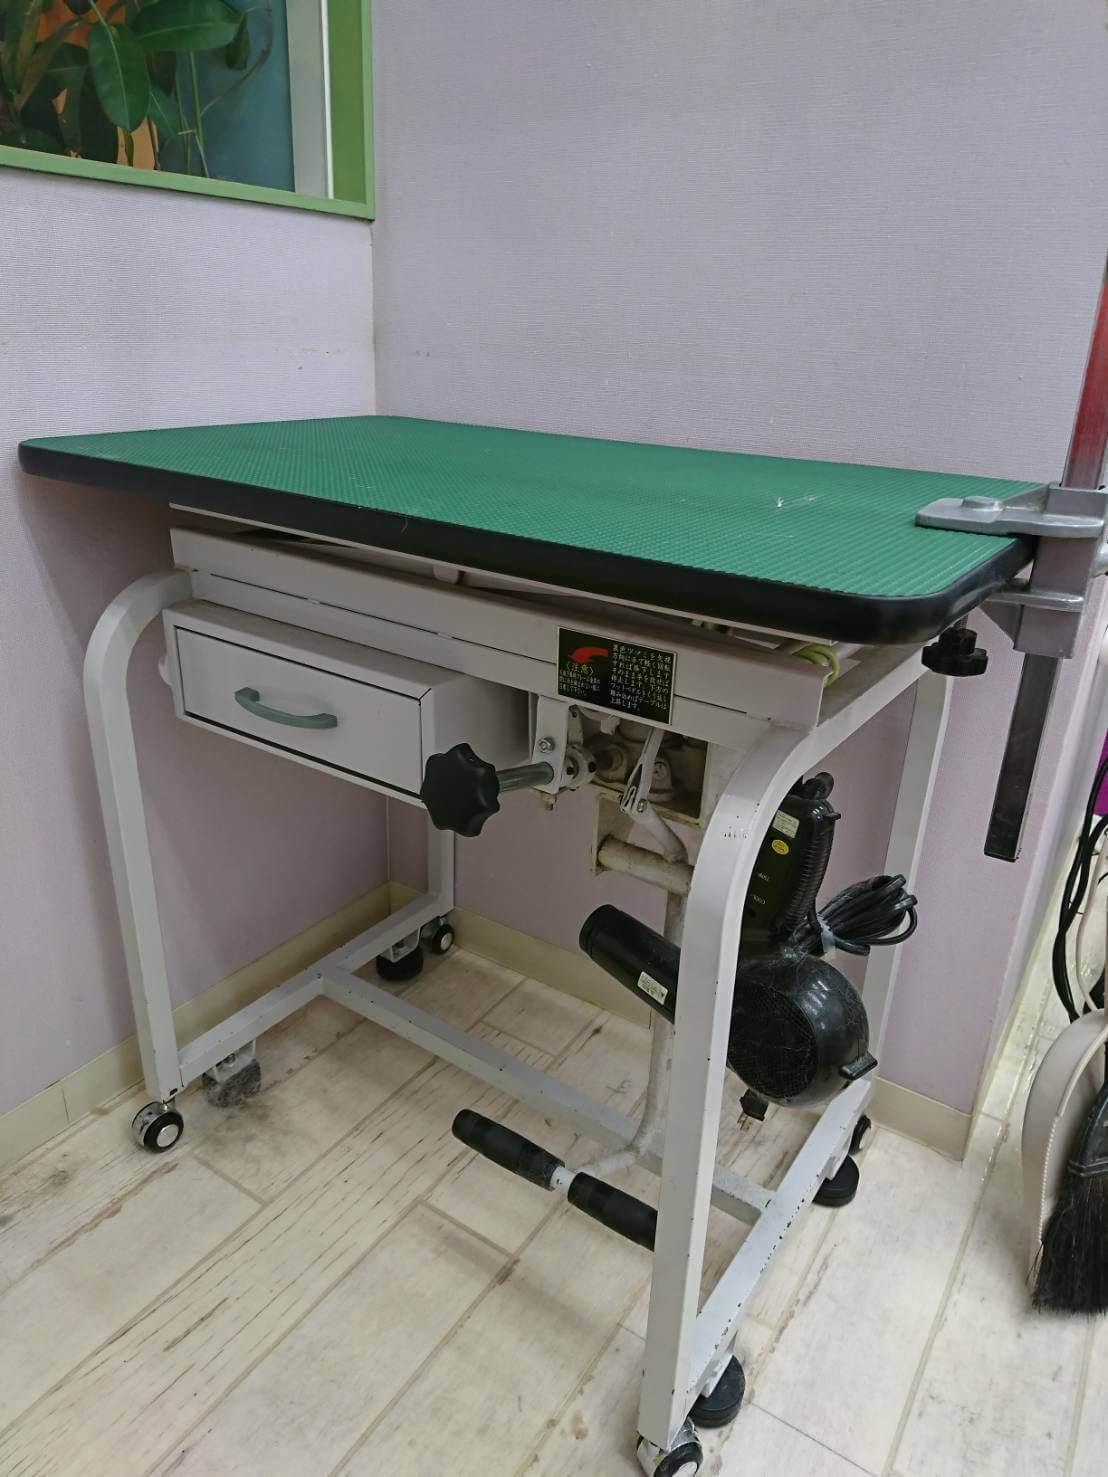 調布市深大寺元町の動物病院 ほほえみ動物病院ではトリミングも承ります。